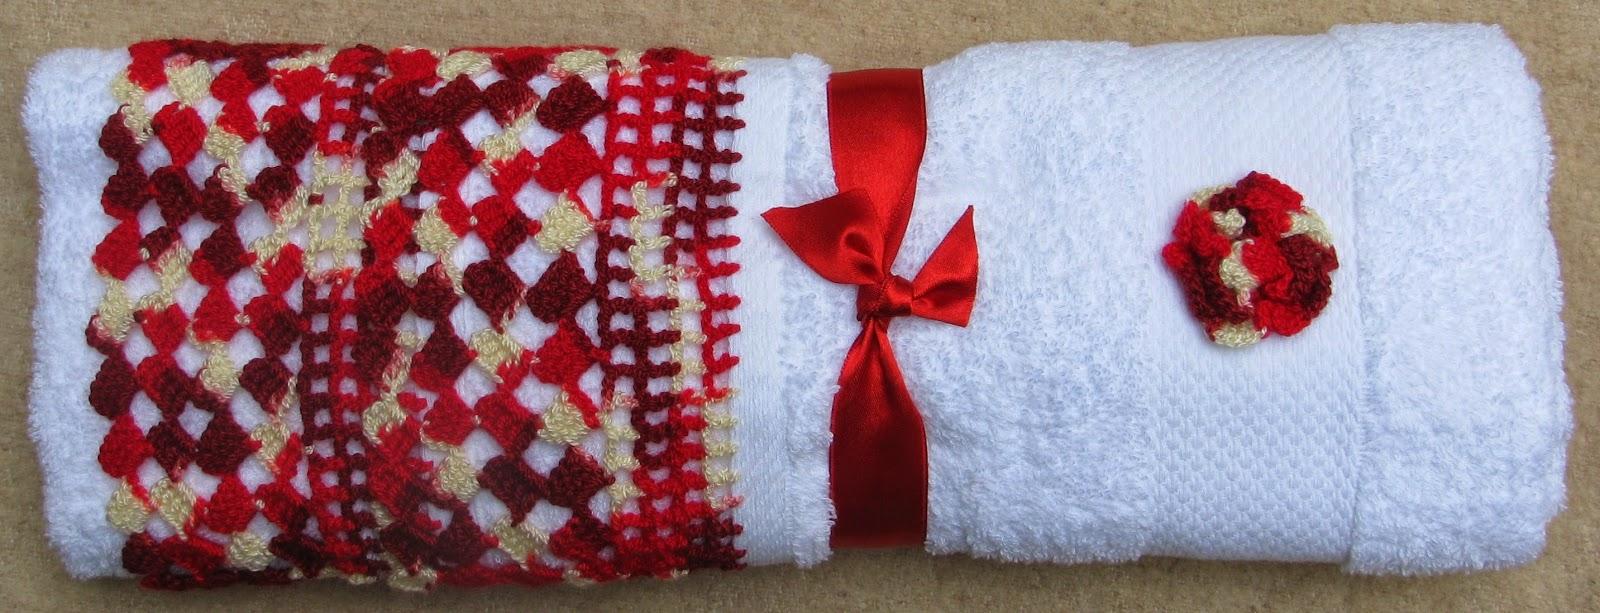 Decoracion De Baños Tejidos A Crochet:Tejidos a crochet: Toallas de baño